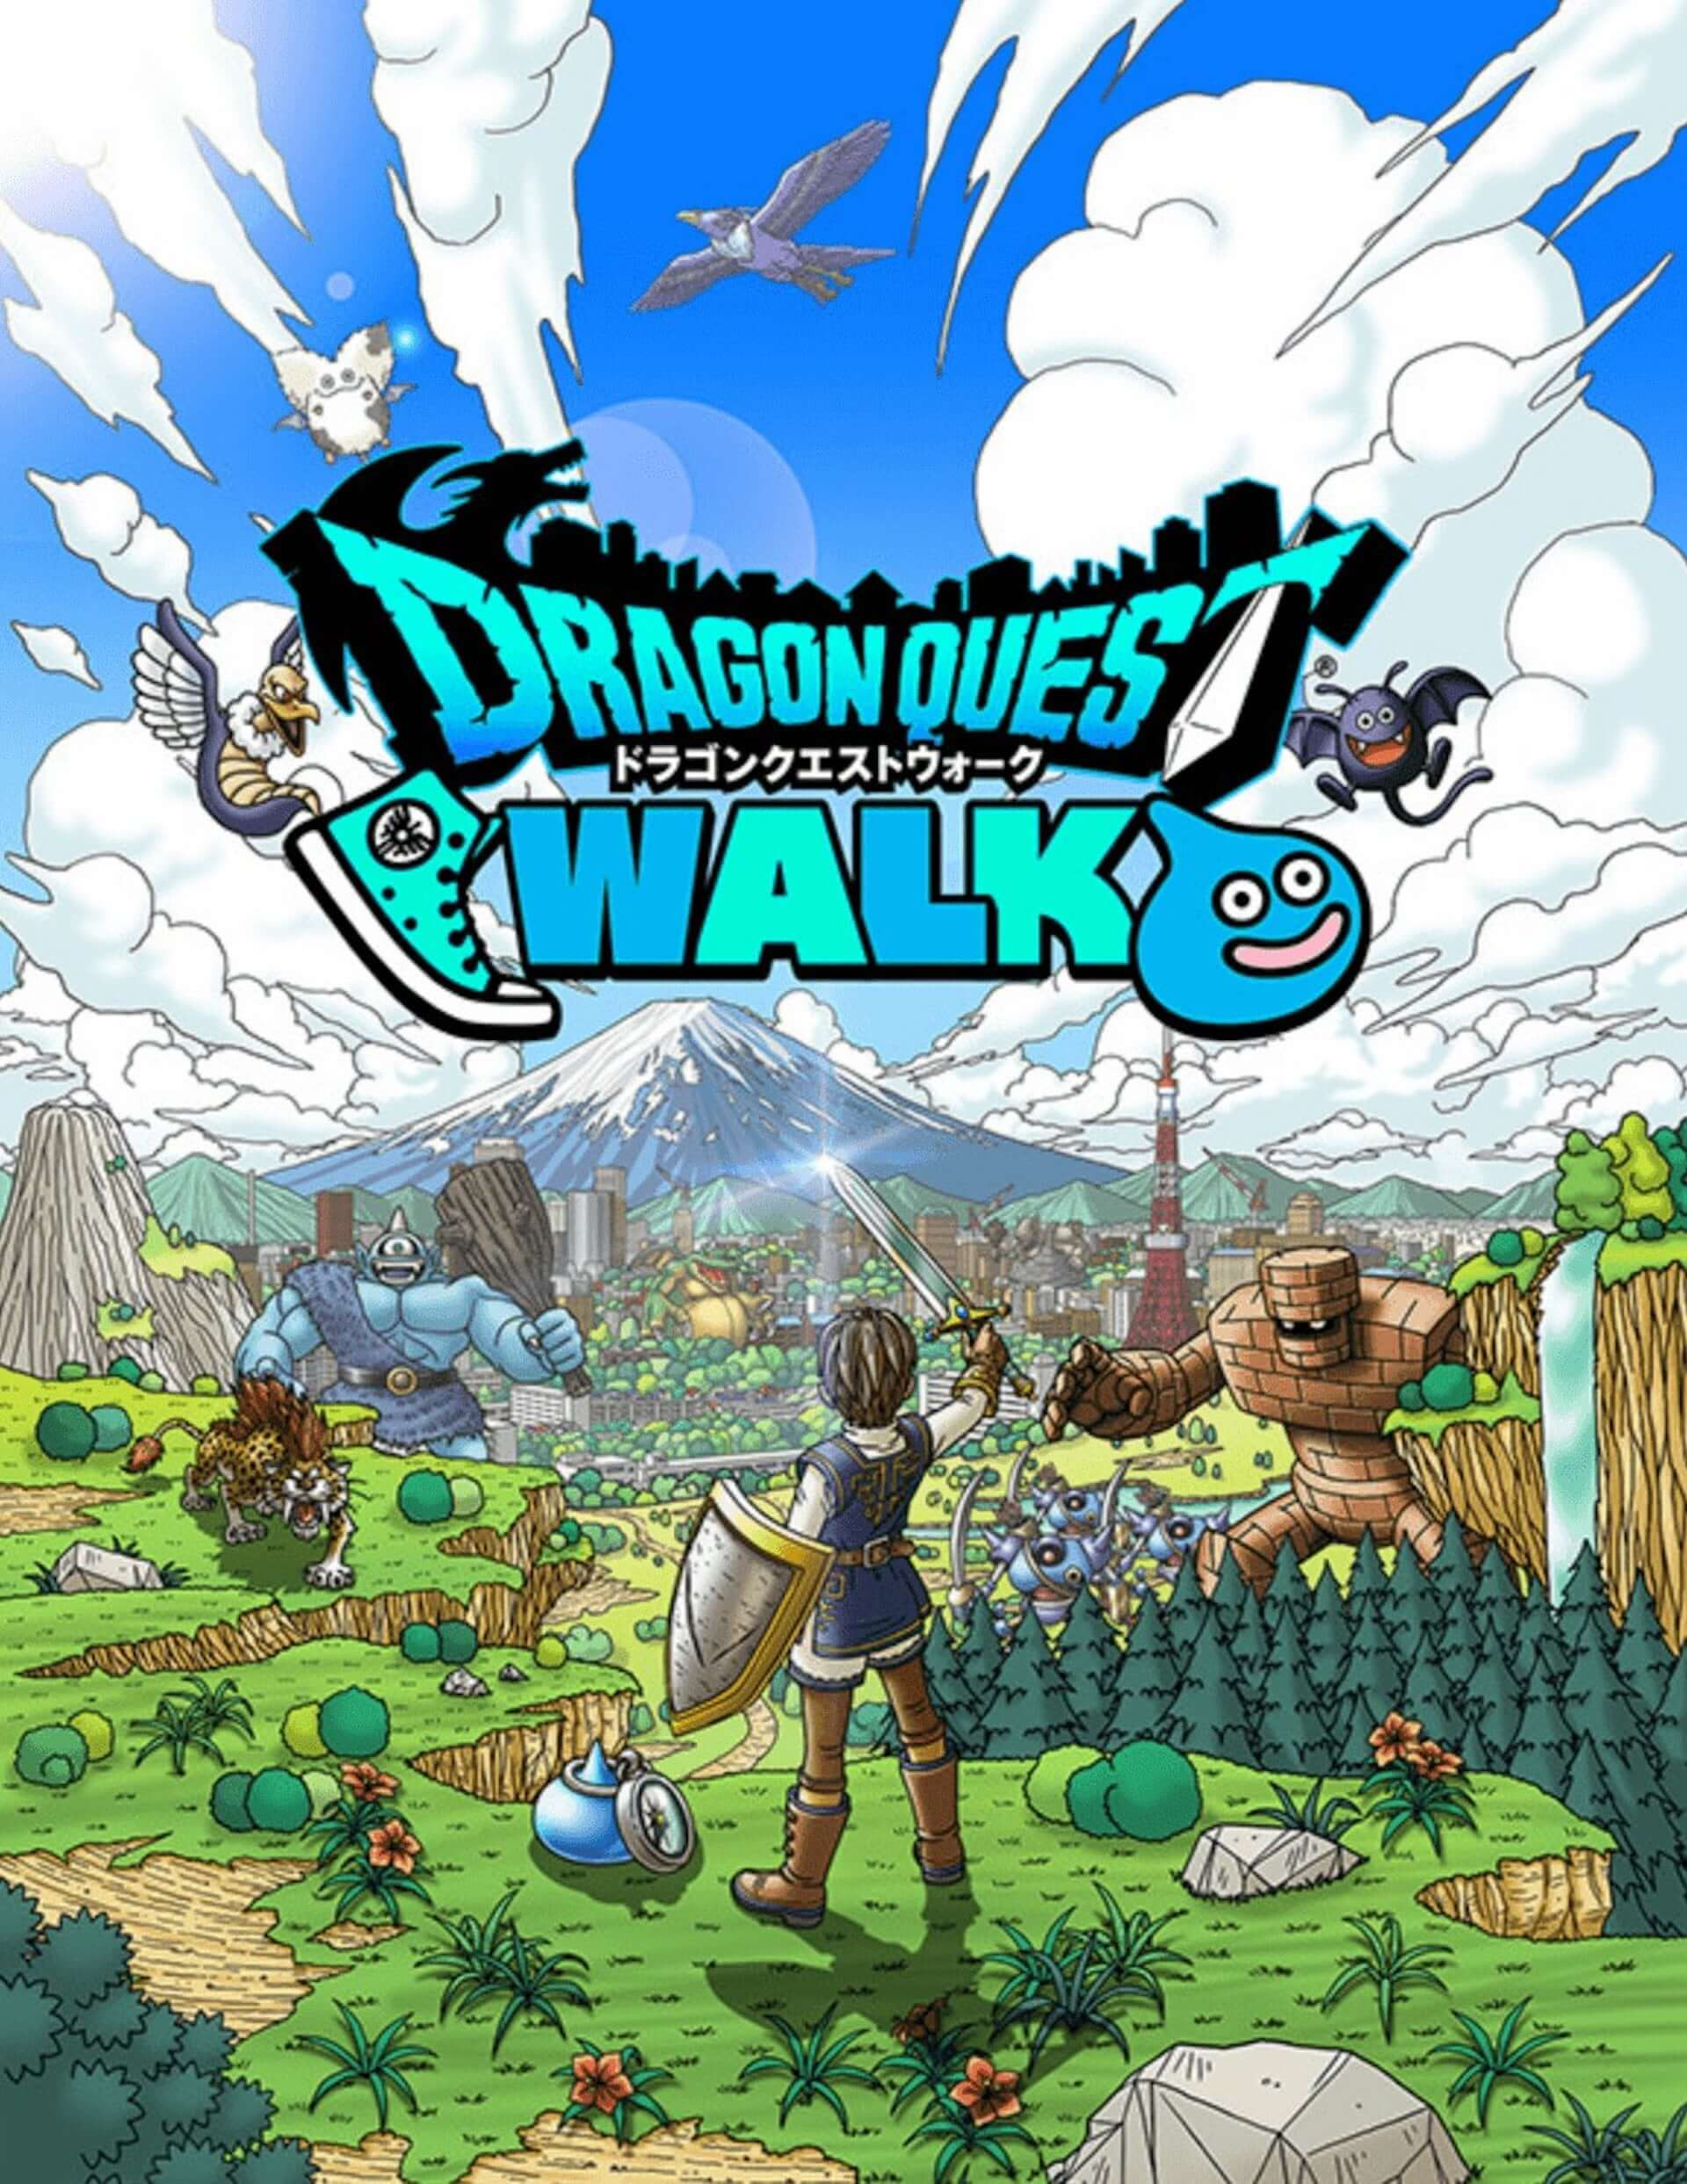 ドラゴンクエスト新アプリ『ドラゴンクエストウォーク』がついに本日リリース!SNSの反響は? #DQウォーク tech190912_dqwalk_1-1920x2486